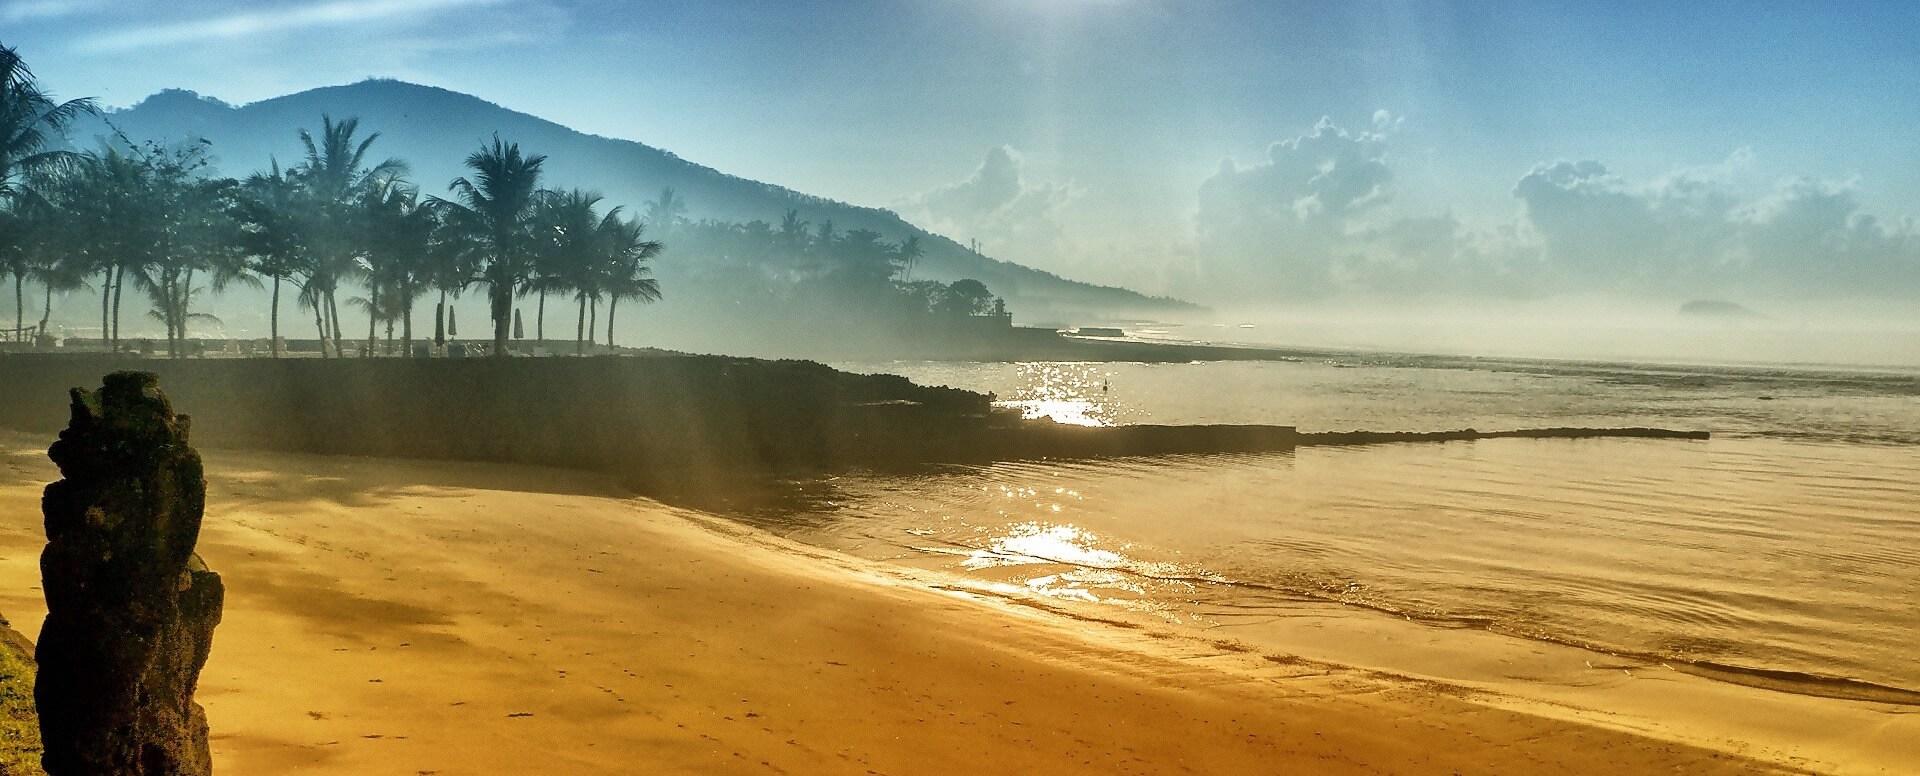 8- Nusa Dua Beach - Bali